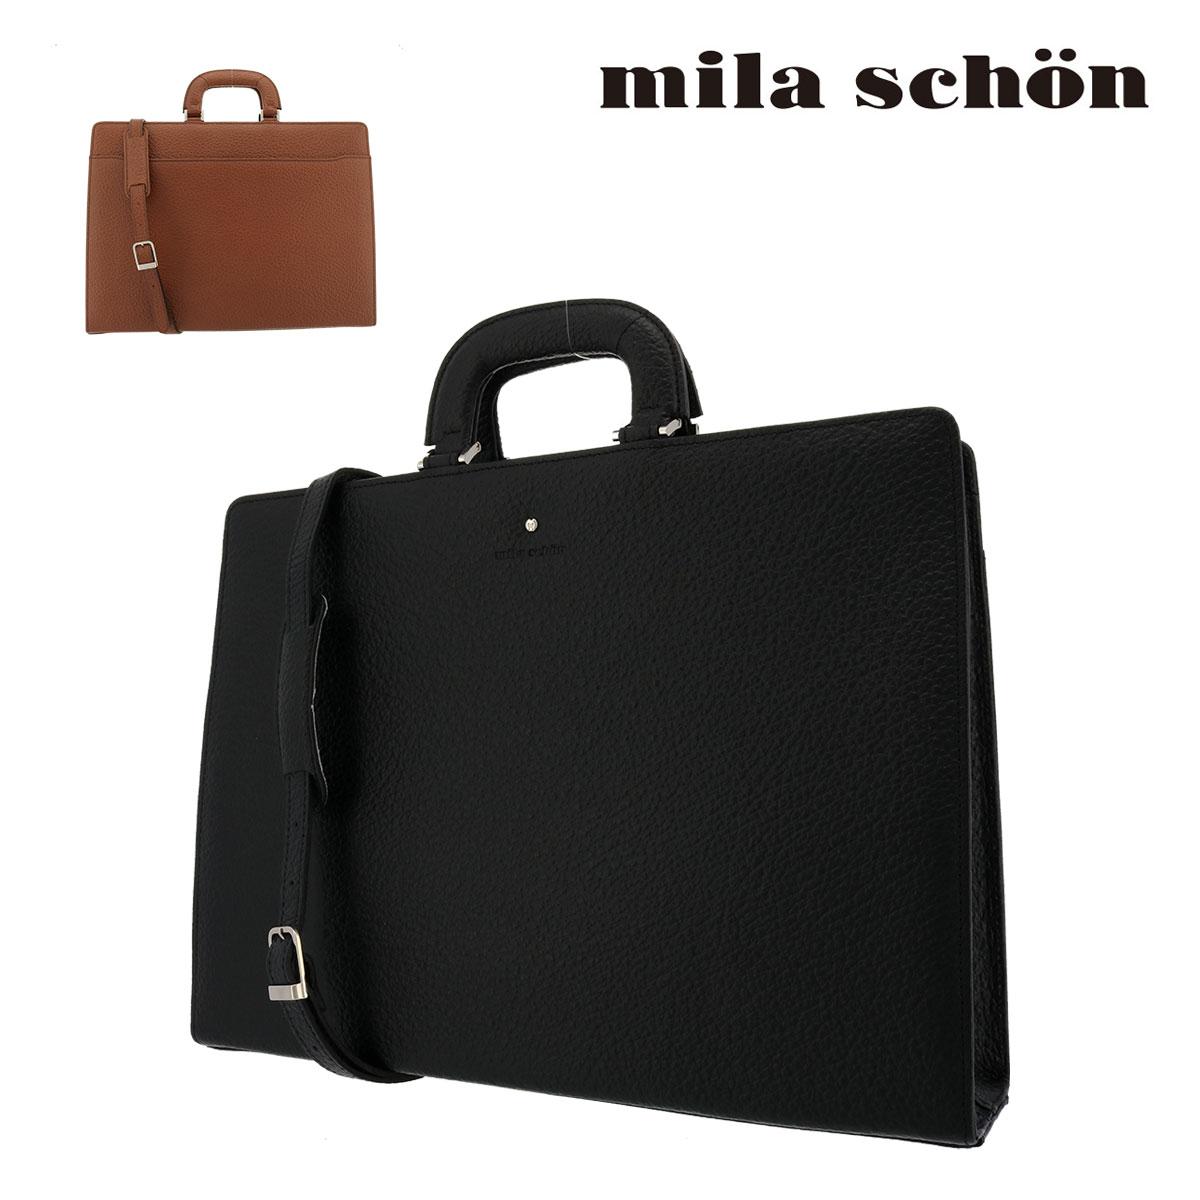 ミラショーン ブリーフケース メンズ ネロ 197518 | Mila Schon ビジネスバッグ 本革 レザー[PO5]